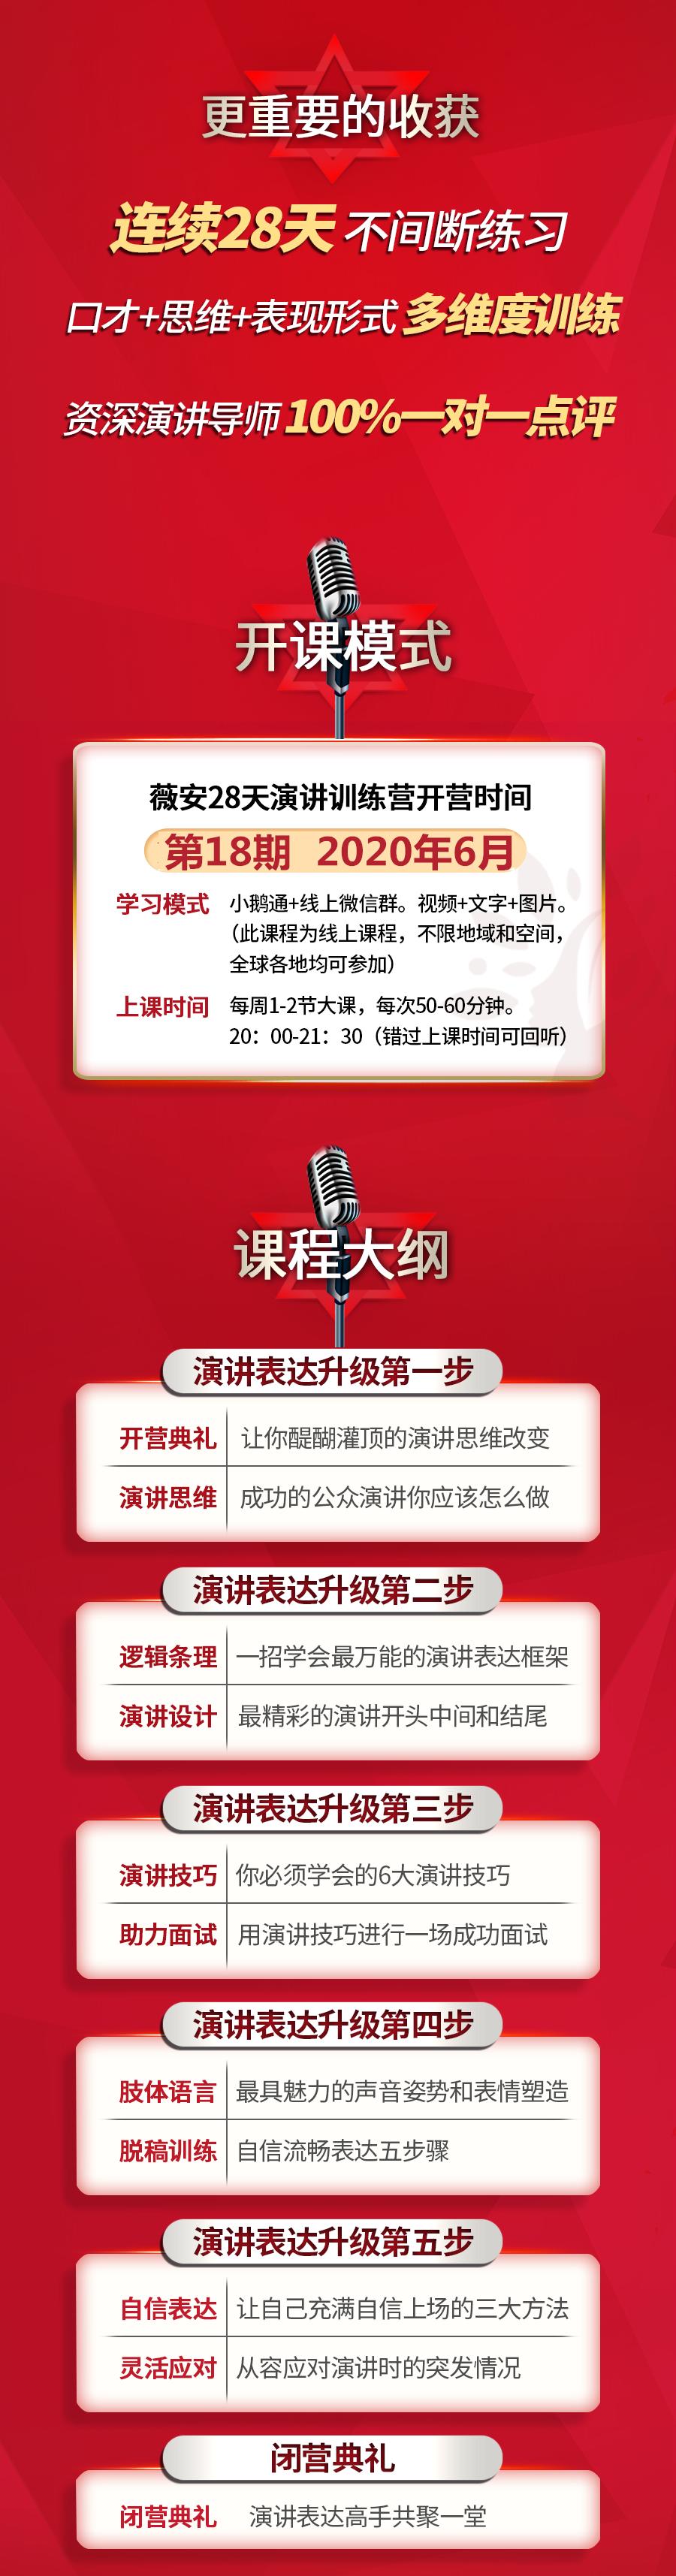 演讲长图2-0319.png